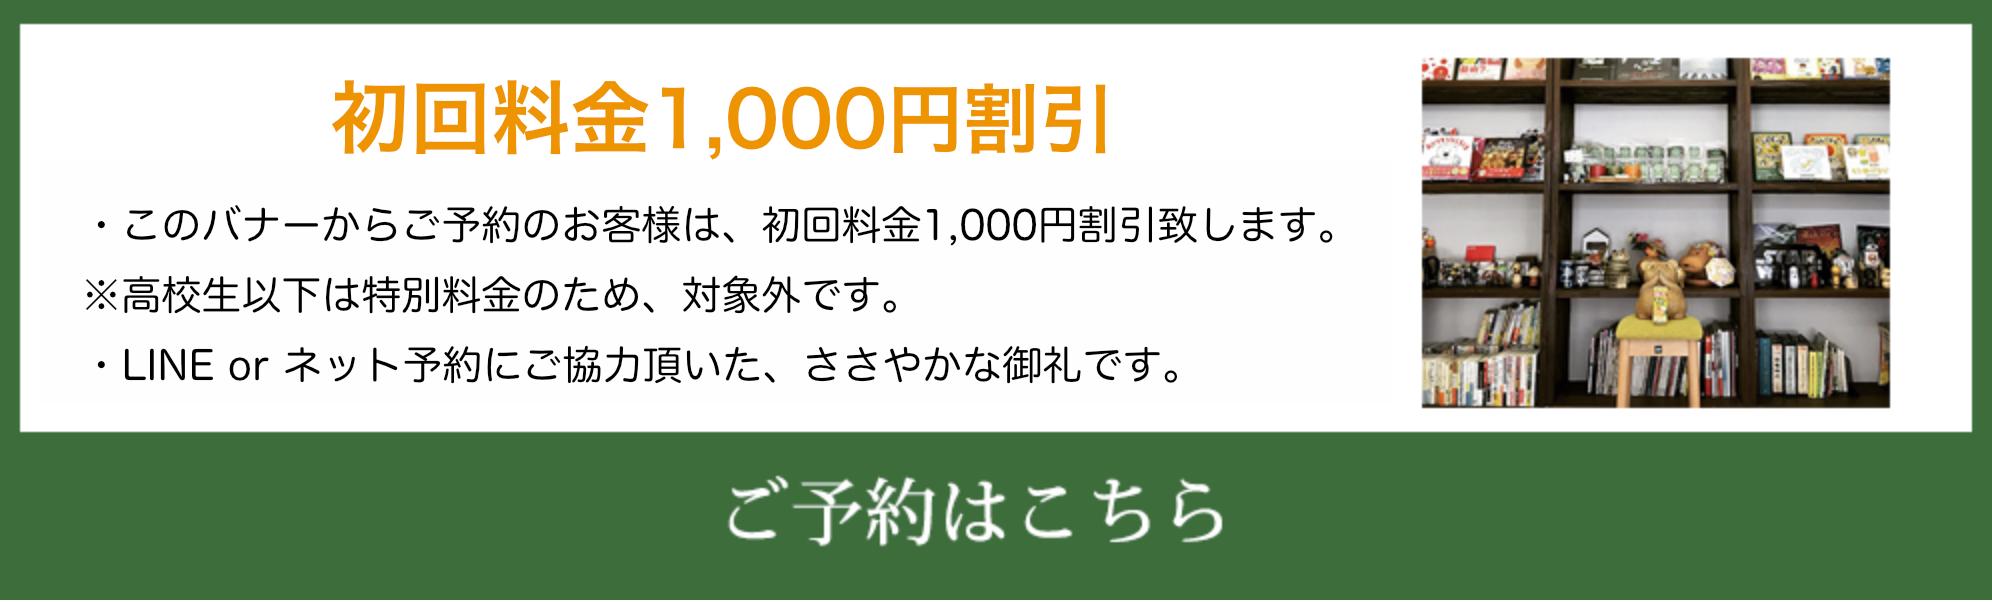 初回料金1,000円割引